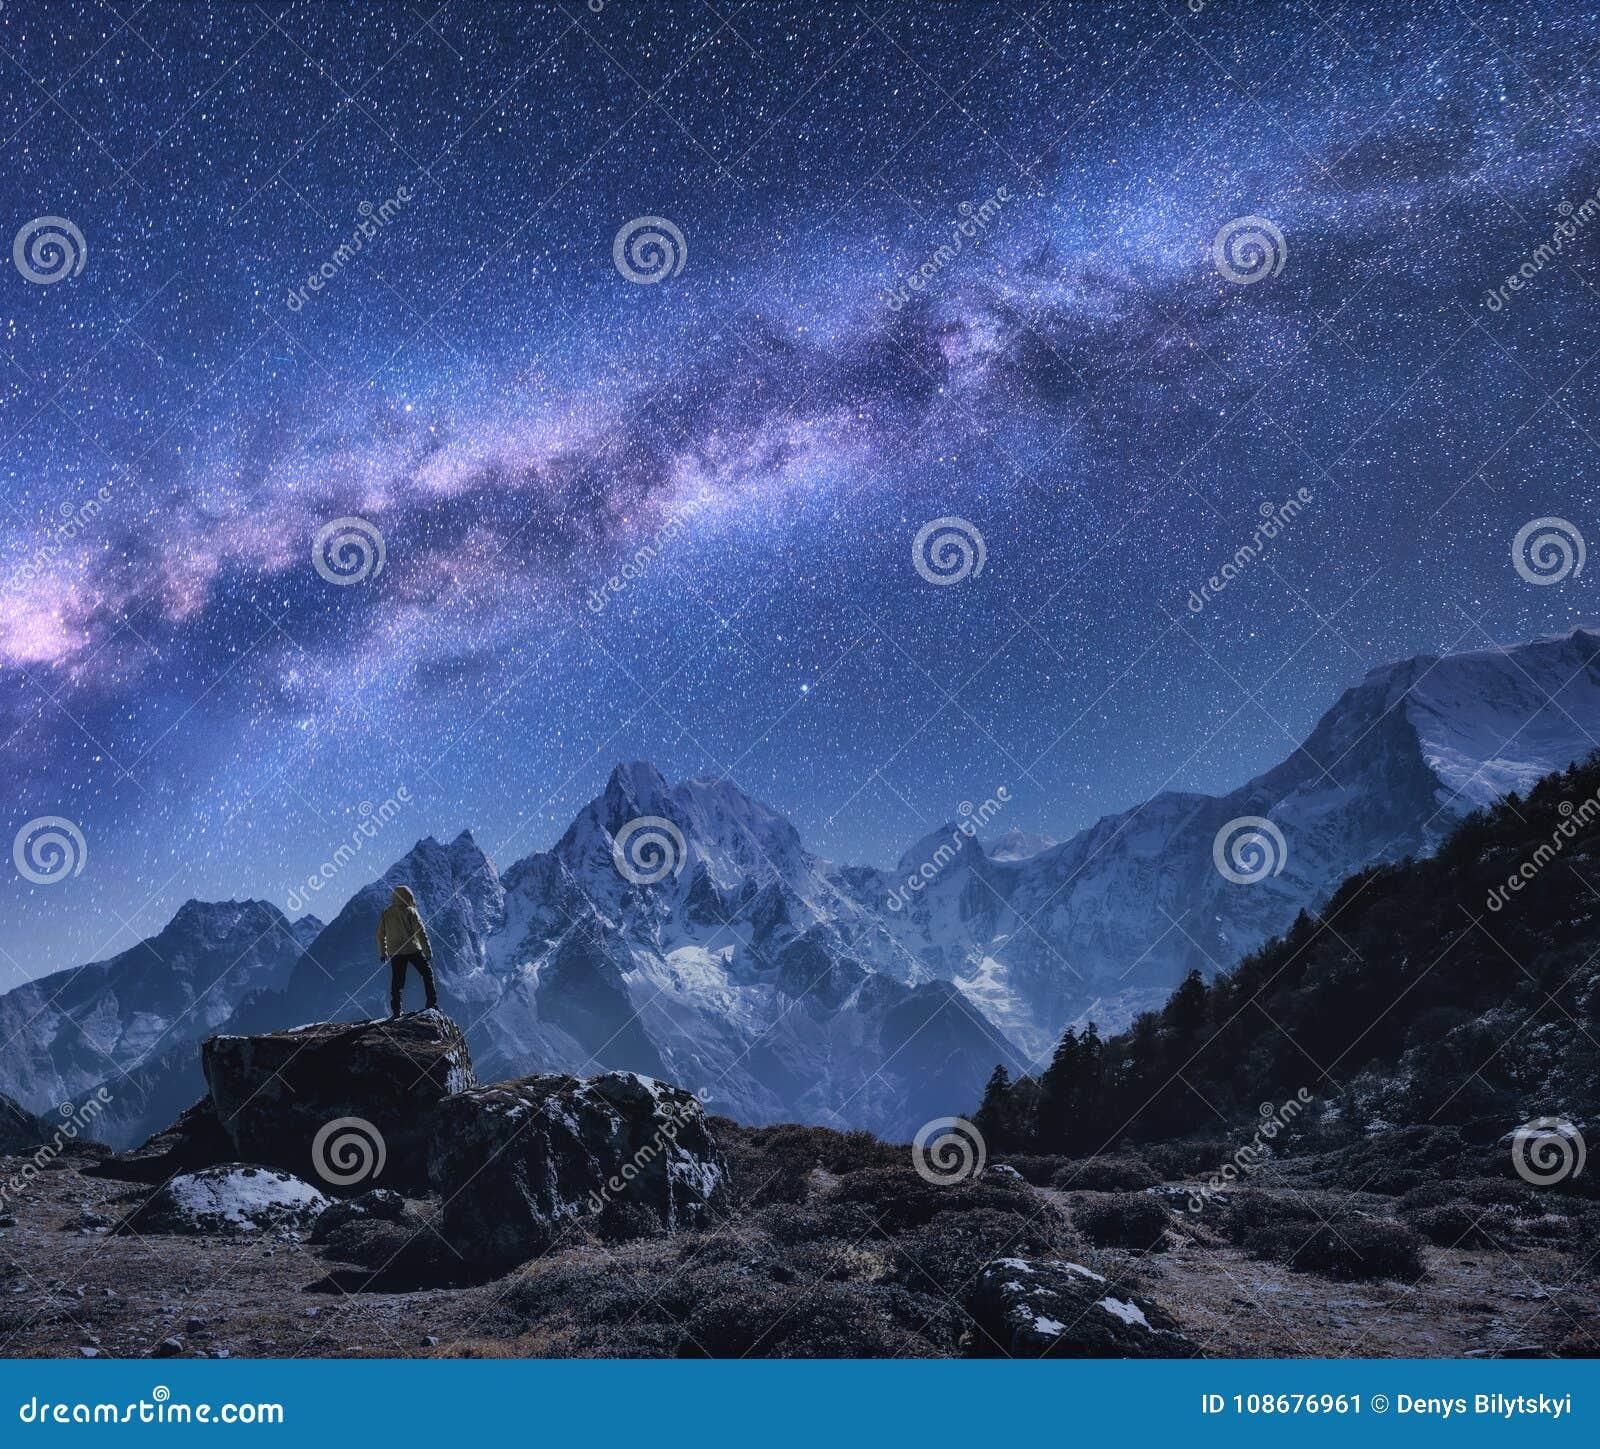 Espaço com Via Látea, homem na pedra e montanhas